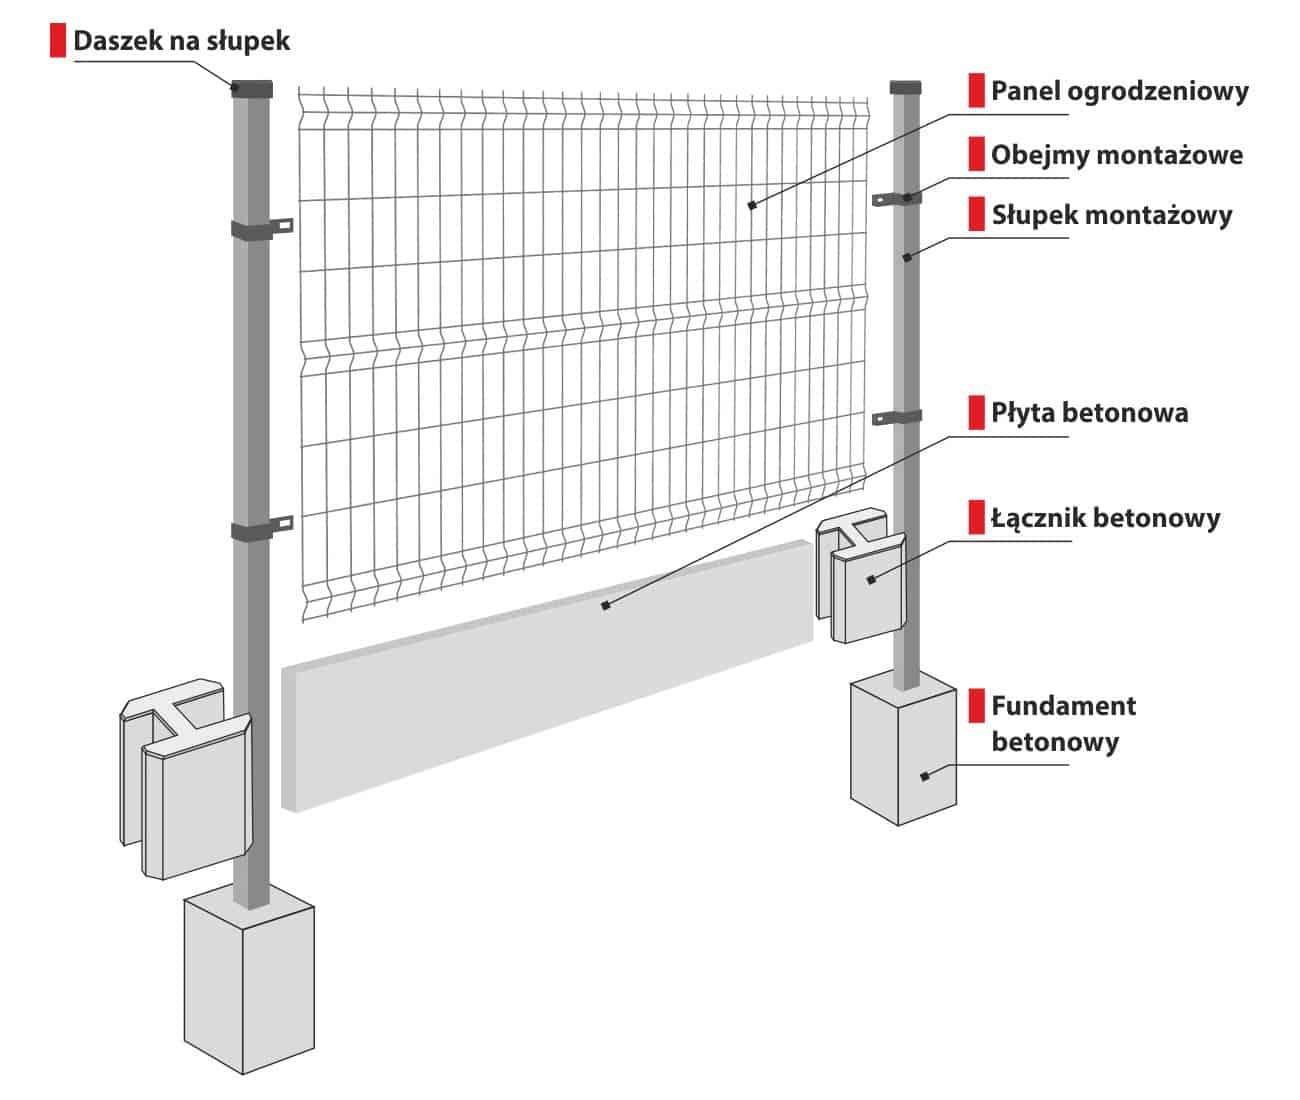 Sposób montażu z łącznikami betonowymi